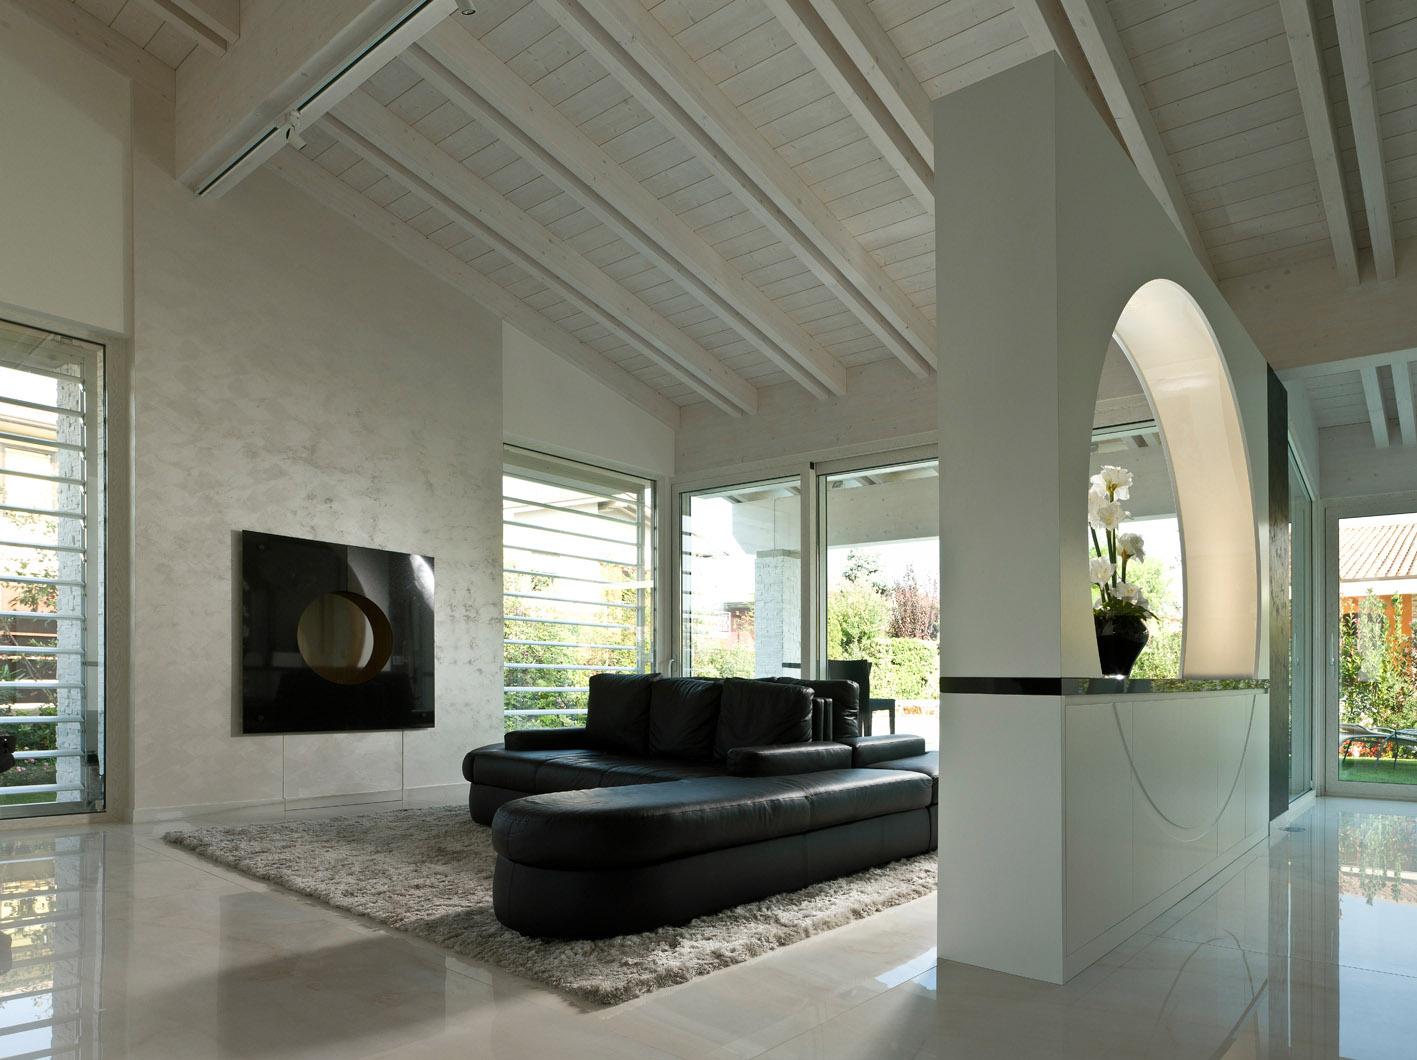 living moderno MG architettura d'interni simone casarotto design divano pelle nero travi a vista